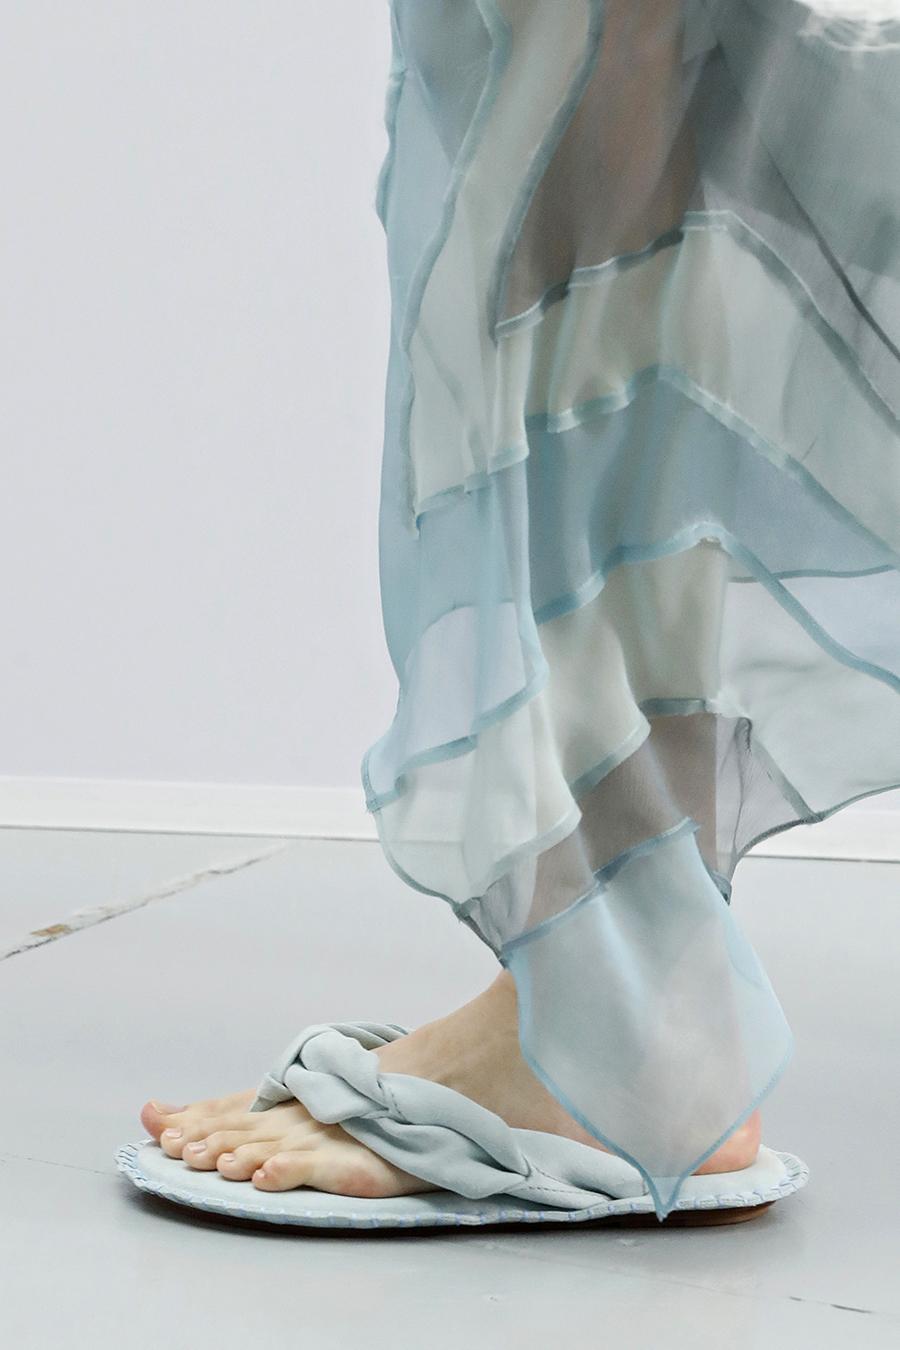 модная обувь лето 2021 на низком ходу плоская подошва без каблука женская вьетнамки дутые голубые